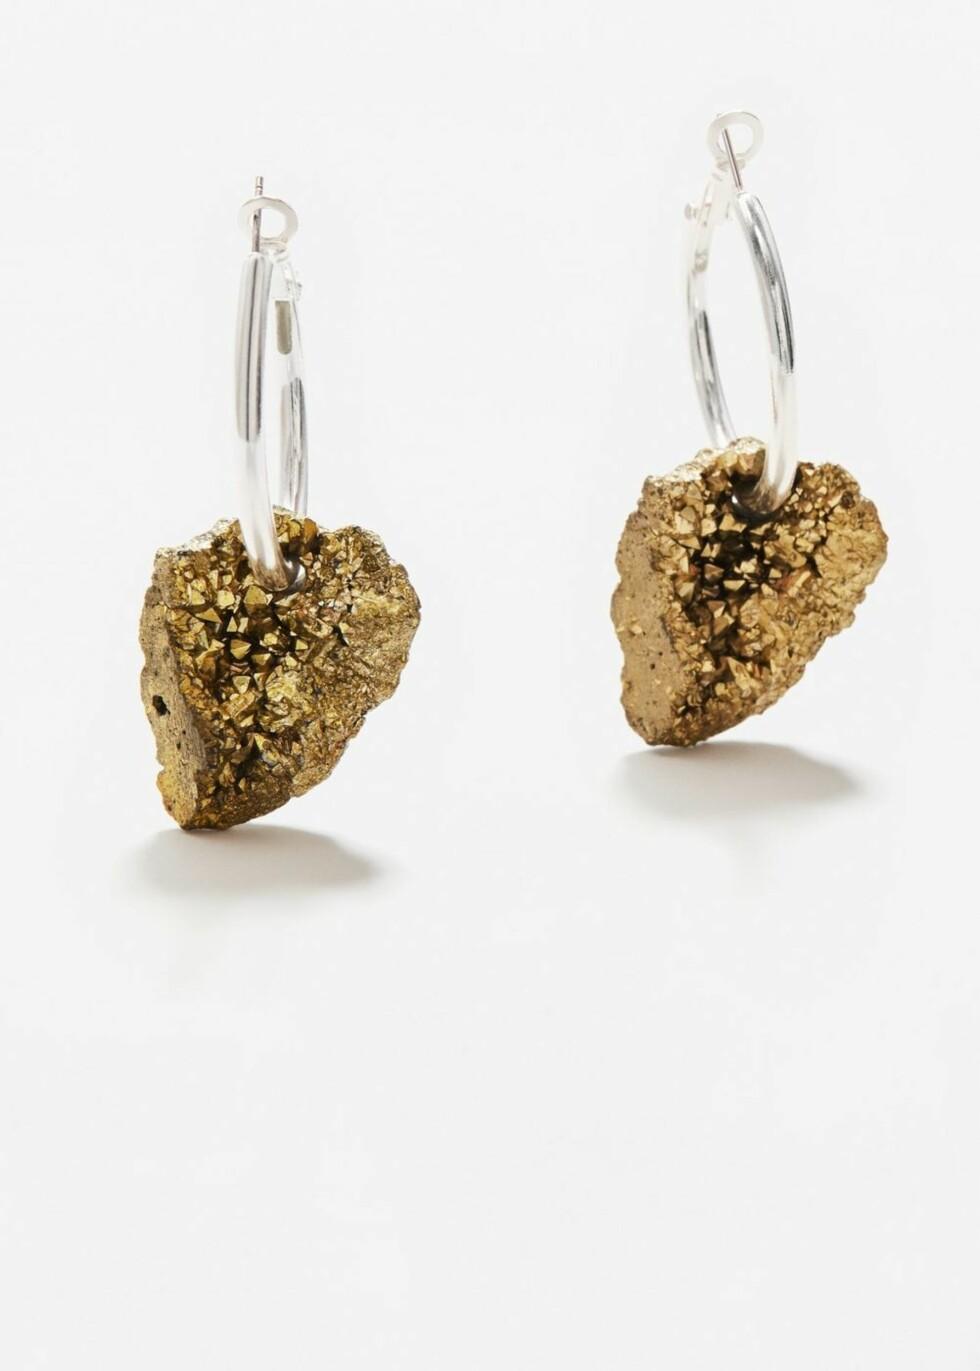 Øredobber med mineral fra Mango | kr 99 | http://shop.mango.com/NO/p1/damer/tilbeh%C3%B8r/smykker/%C3%B8redobber/%C3%B8reringer-med-mineral?id=13080341_PL&n=1&s=accesorios.bisuteria&ts=1496915569281